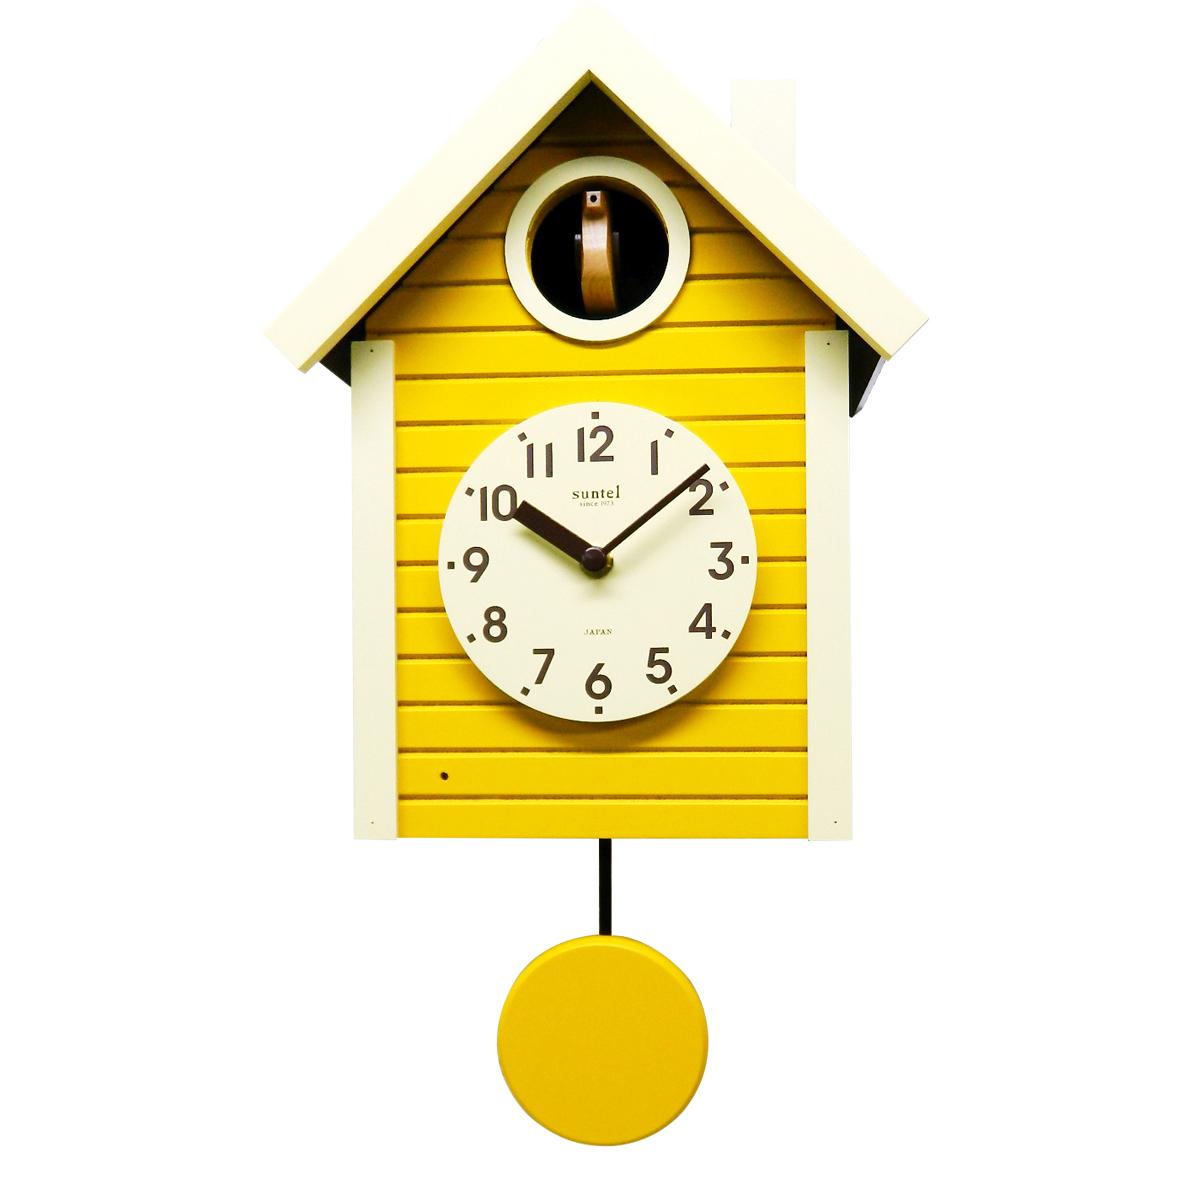 ハト時計 はと時計 引っ越し祝い 新築祝い かわいい 小鳥 誕生日 デザイン 引越し 引っ越し 敬老の日 ランキング受賞 送料無料 あす楽 おしゃれ 柱時計 木製 掛け時計 さんてる 日本製 北欧 インテリア プレゼント イエロー 壁掛け時計 限定タイムセール 賜物 ギフト ナイトセンサー 鳩時計